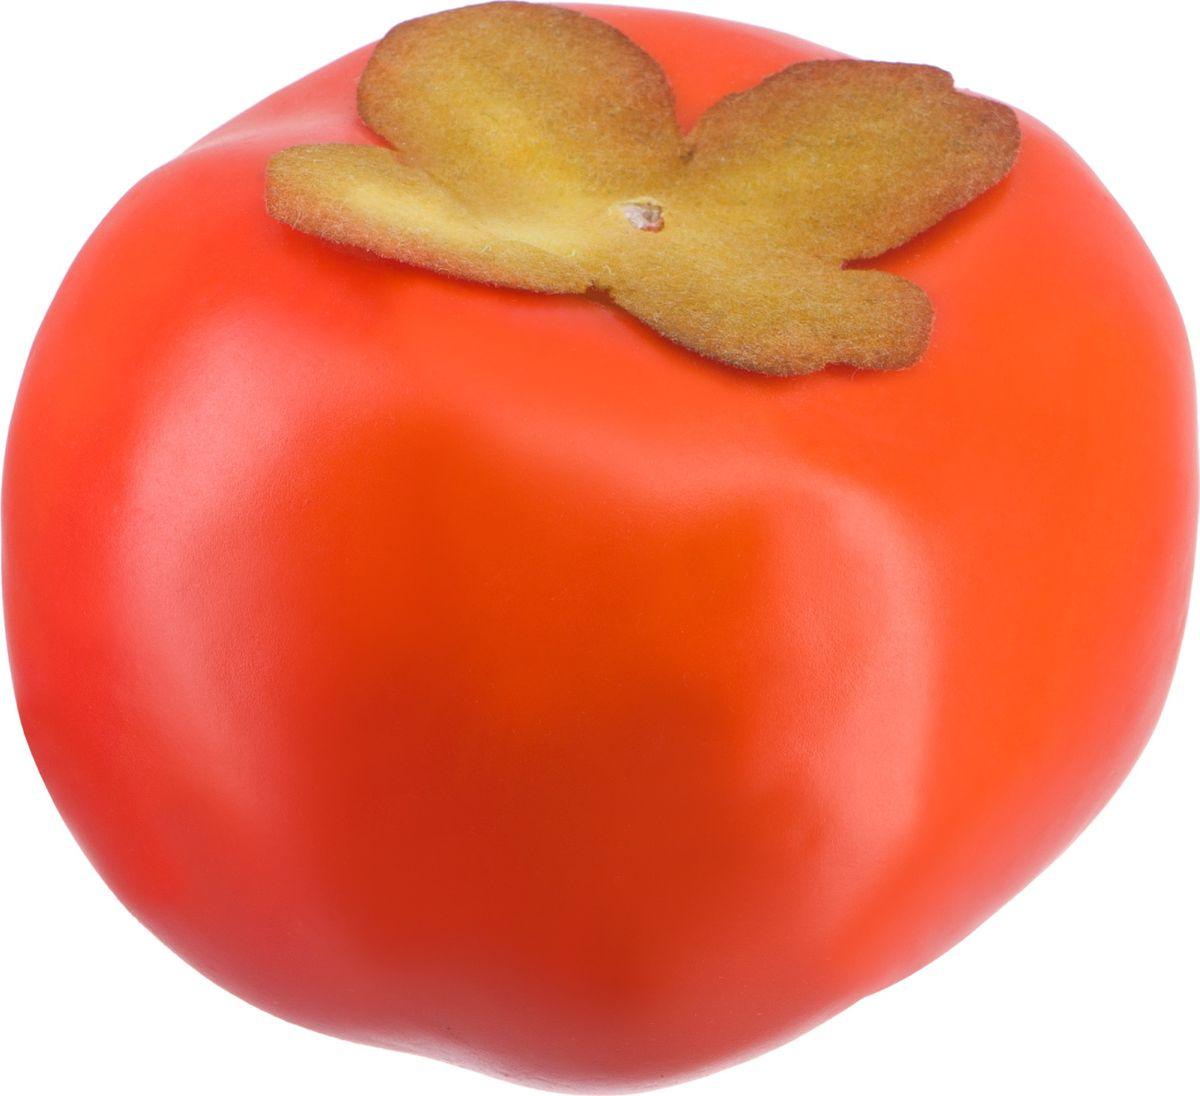 Муляж Engard Хурма, 8,5 смFR-20Искусственный фрукт - это идеальный способ украсить кухню или способ придать яркости интерьеру. Фрукт выглядит реалистично, сочно и ярко. Благодаря высокому качеству фрукт не потускнеет со временем.